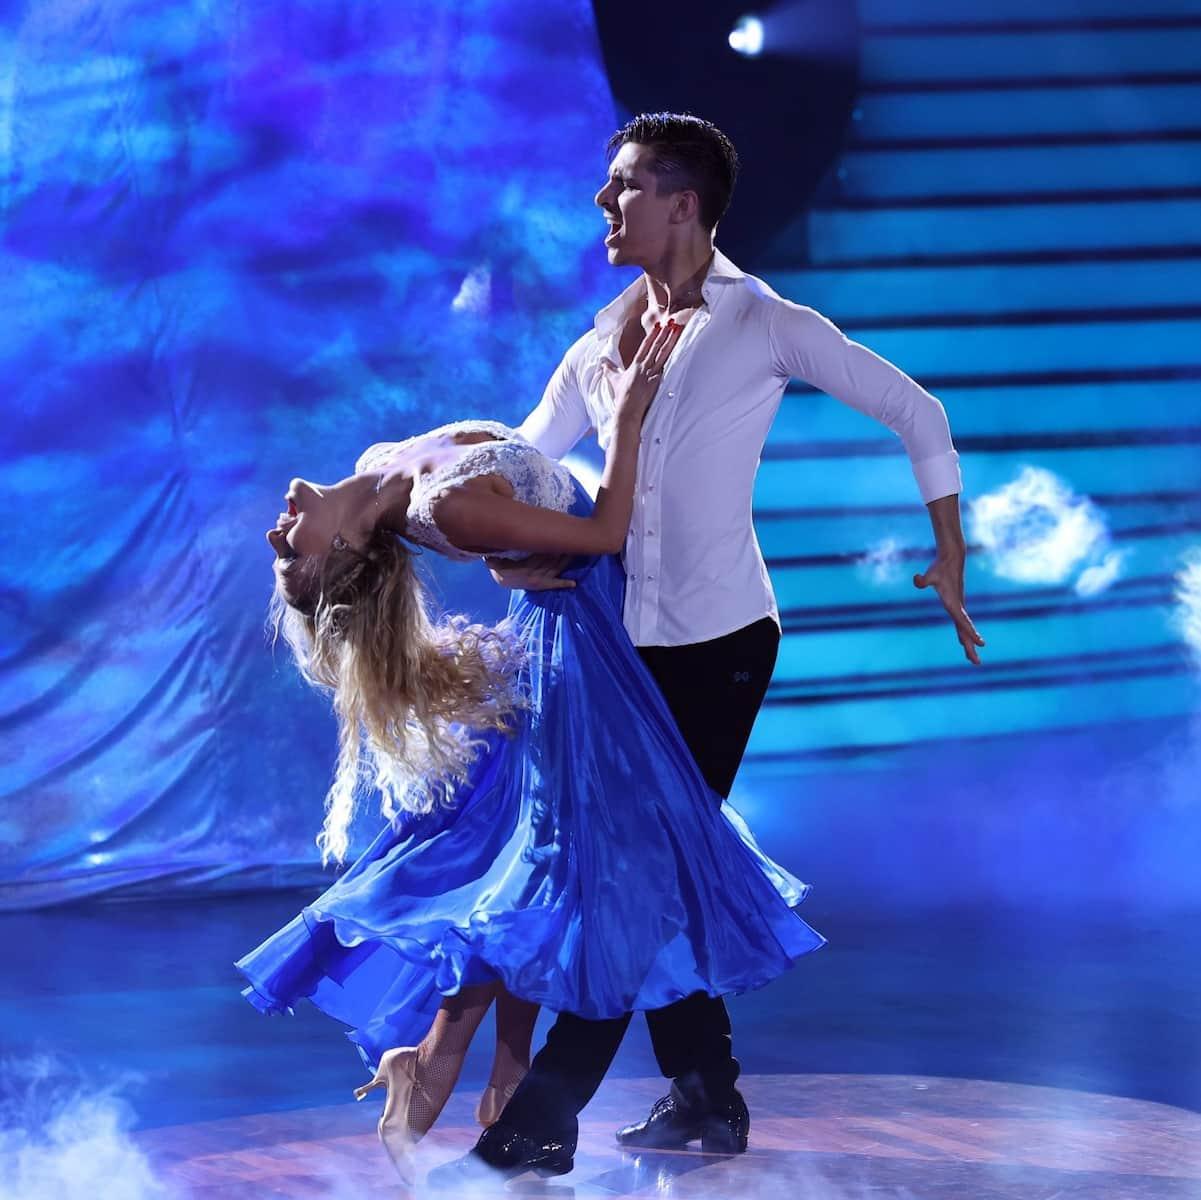 Patricija Belousova und Alexandru Ionel bei der Let's dance Profi-Challenge 2021